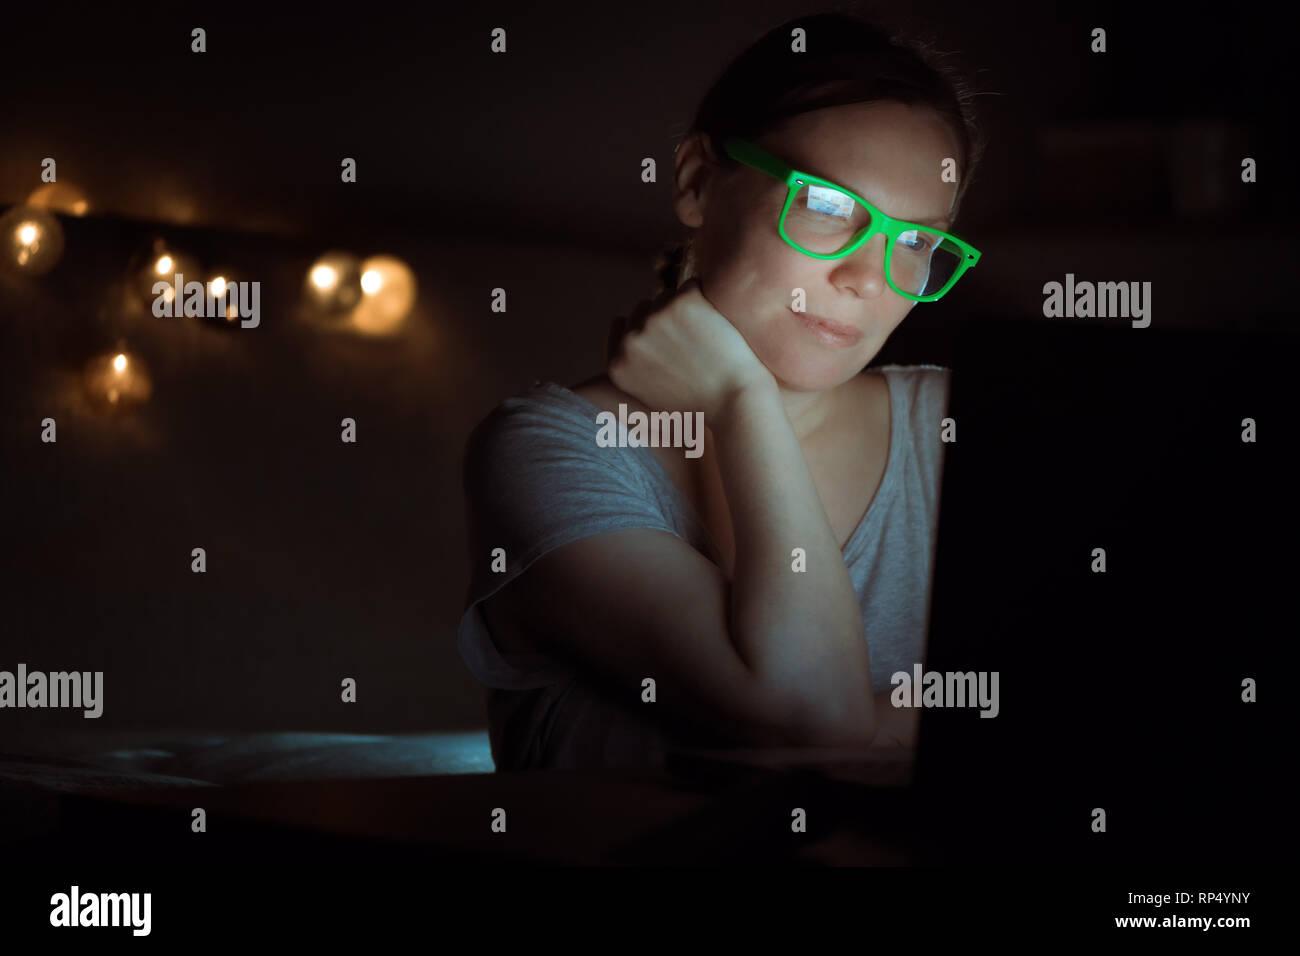 Frau Überstunden auf Laptop Computer spät in der Nacht, Low Key Porträt der weiblichen Unternehmer im Home Office Umgebung finishing Geschäft Aufgabe Stockfoto